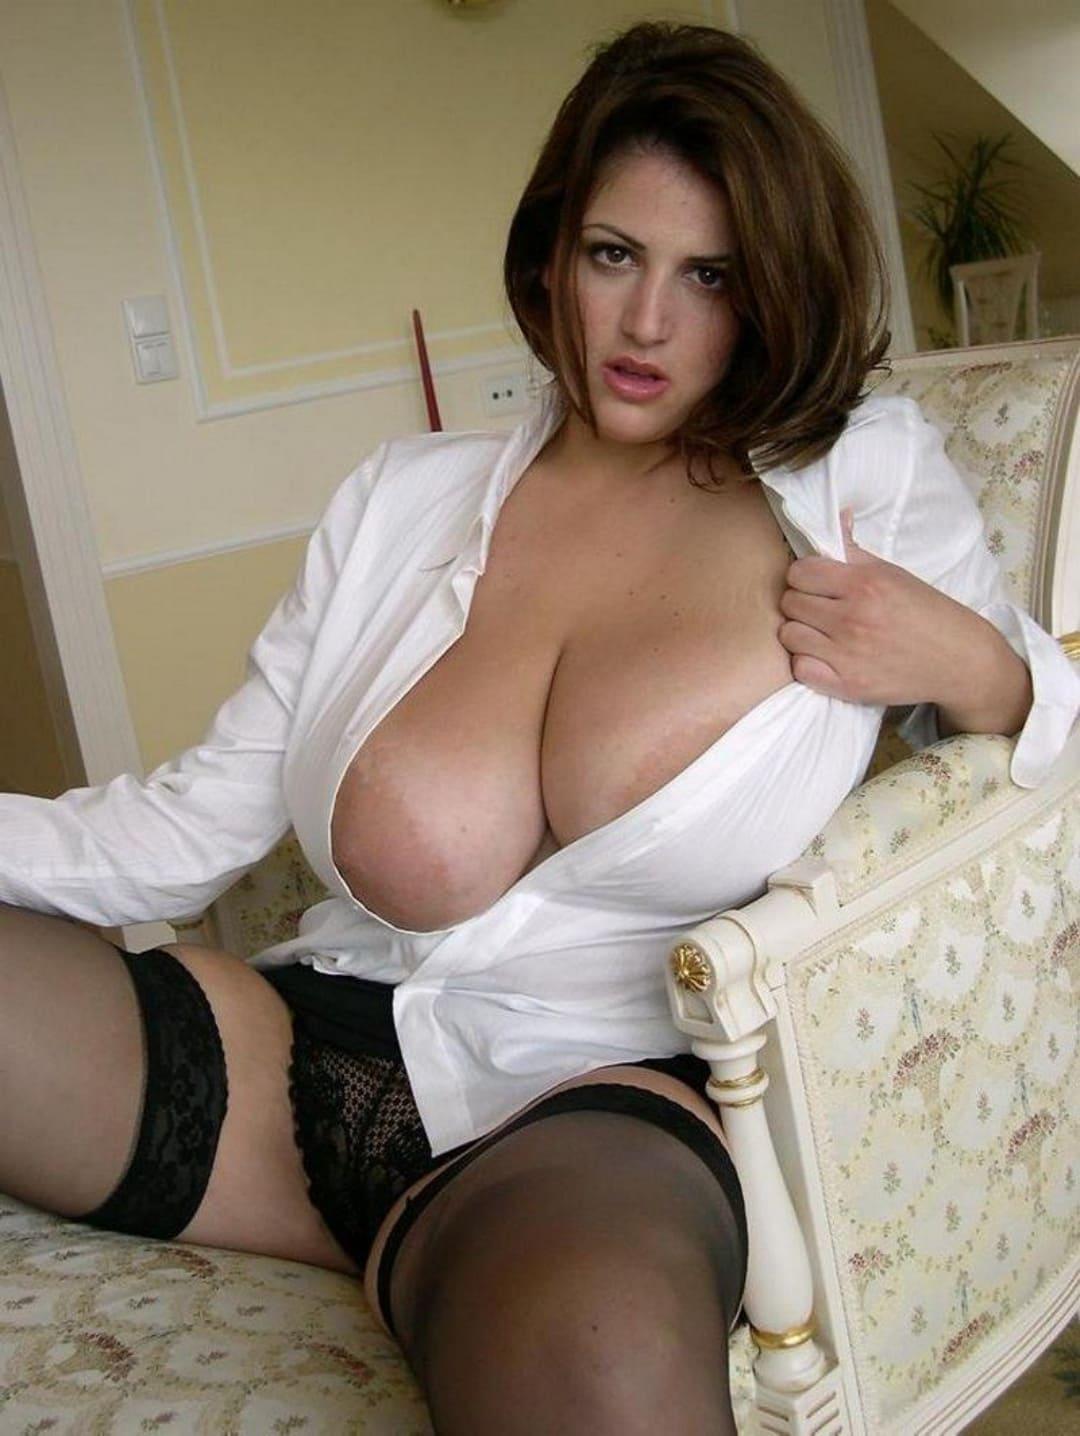 Фото эротики зрелых женщин шикарной зрелой брюнетки с большими сиськами в расстегнутой белой рубашке, черных трусах и чулках сидит в кресле раздвинула ноги